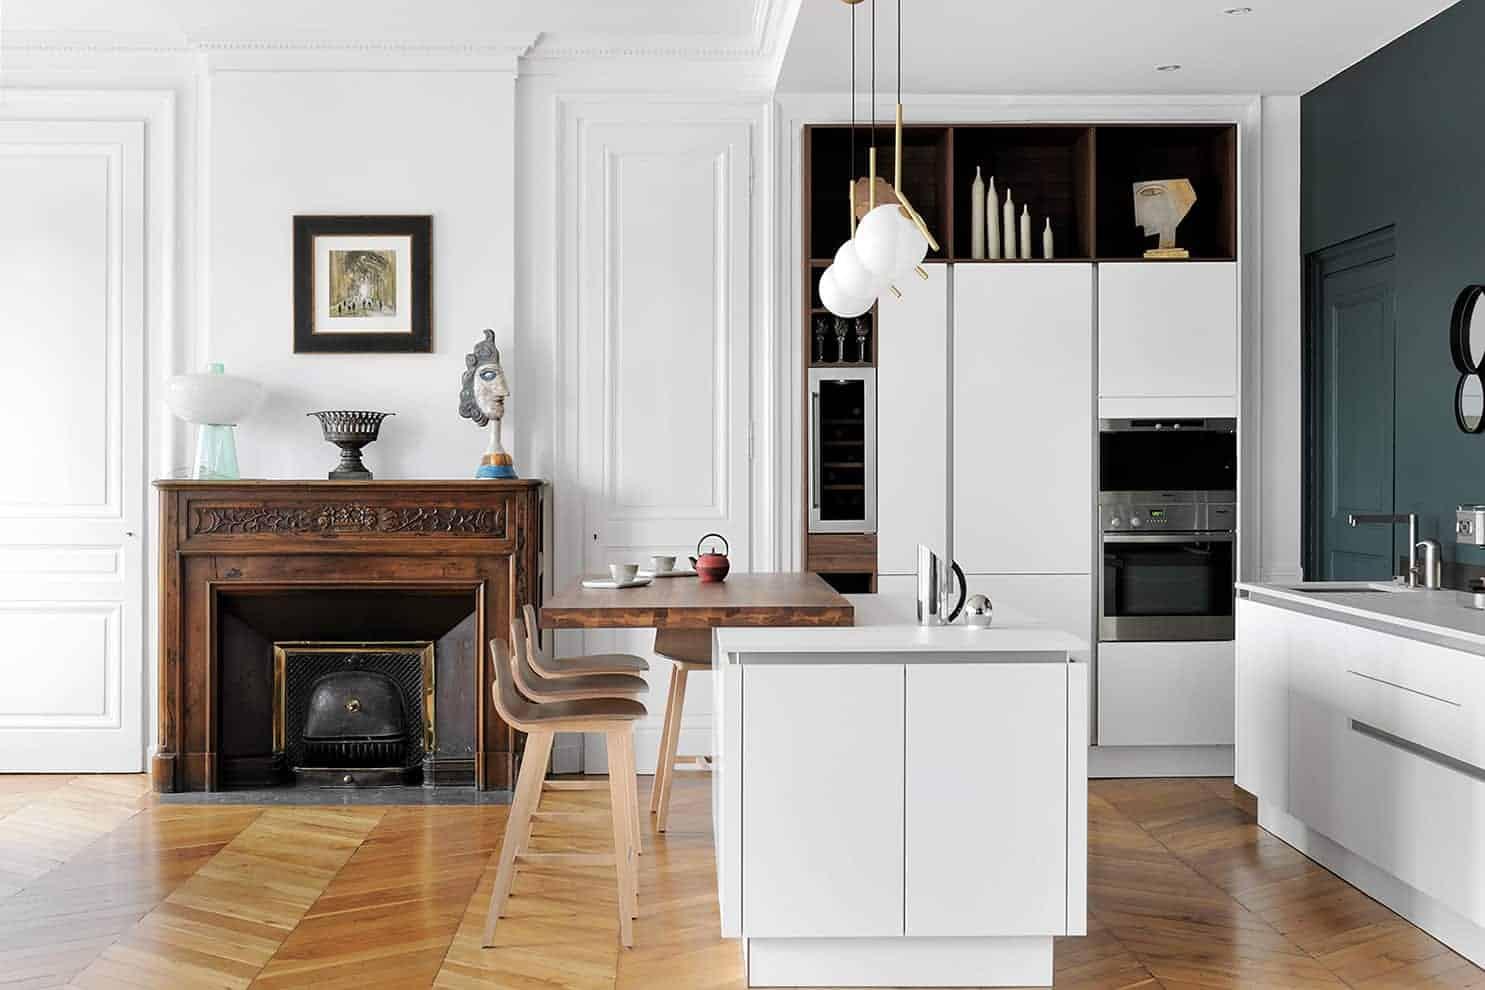 Réalisé par EC Cuisines, l'espace culinaire s'intègre avec brio et minimalisme.